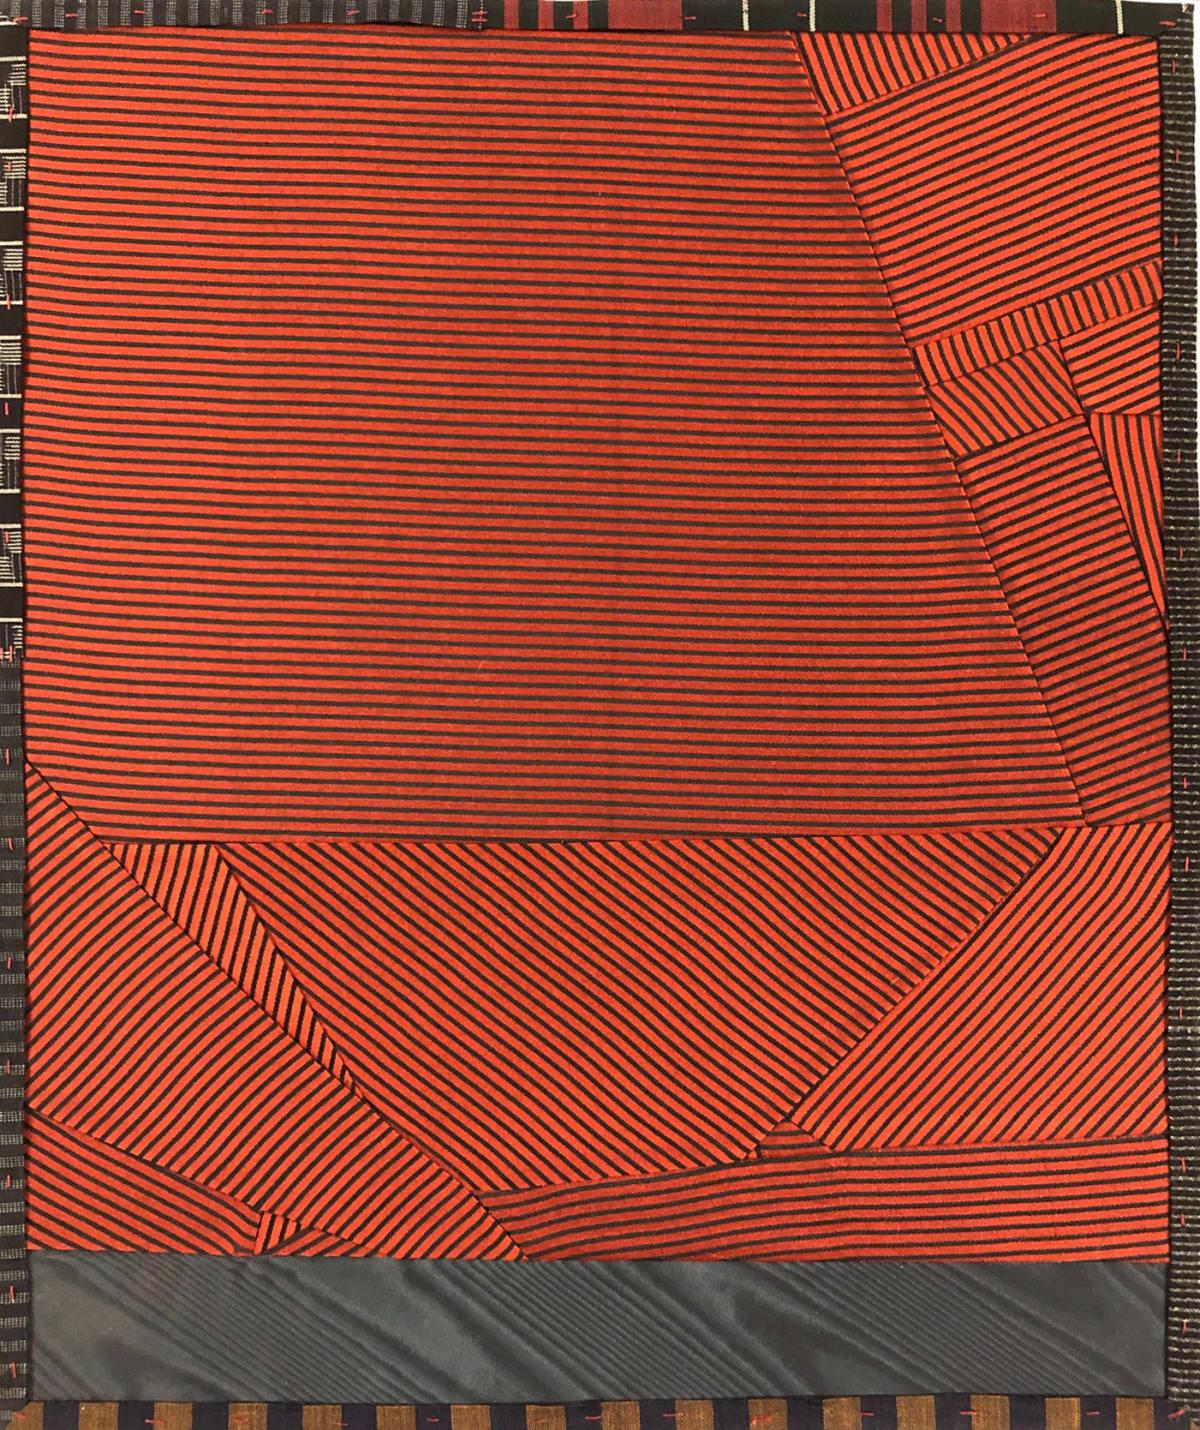 Debra Smith Talking Stories 3, 2020 pieced vintage silk 13 1/2 x 11 1/4 in